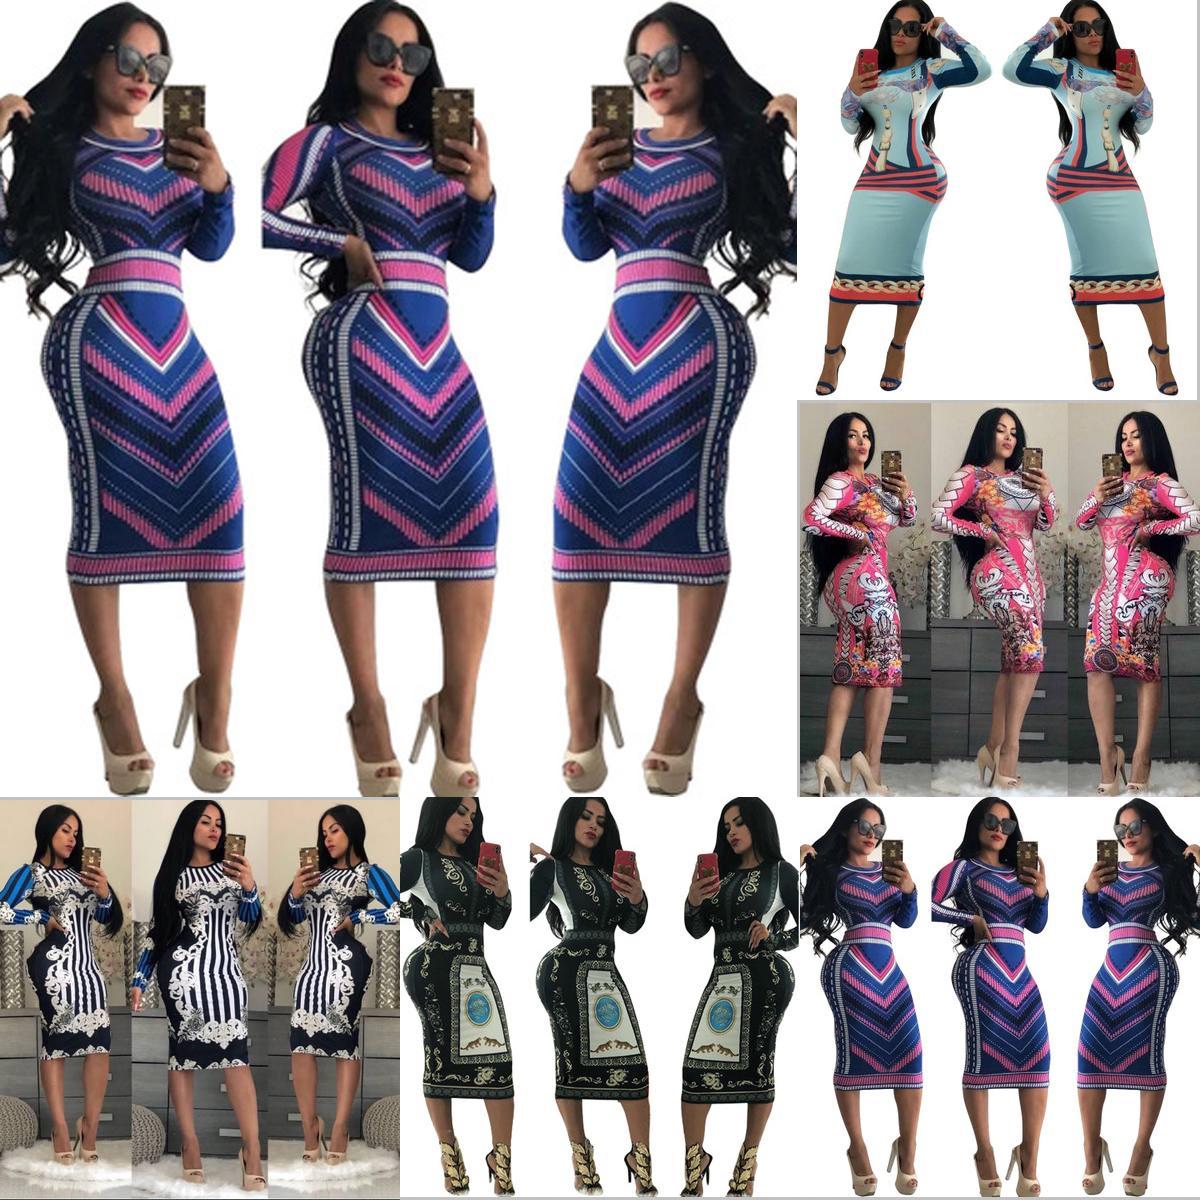 20 Stiller Kadınlar Seksi Elbise Stretch Parti Elbise Çiçek Toptan Yeni için Sıska Kulübü Wear Muhteşem vestidos BODYCON Elbiseler 2020 Print